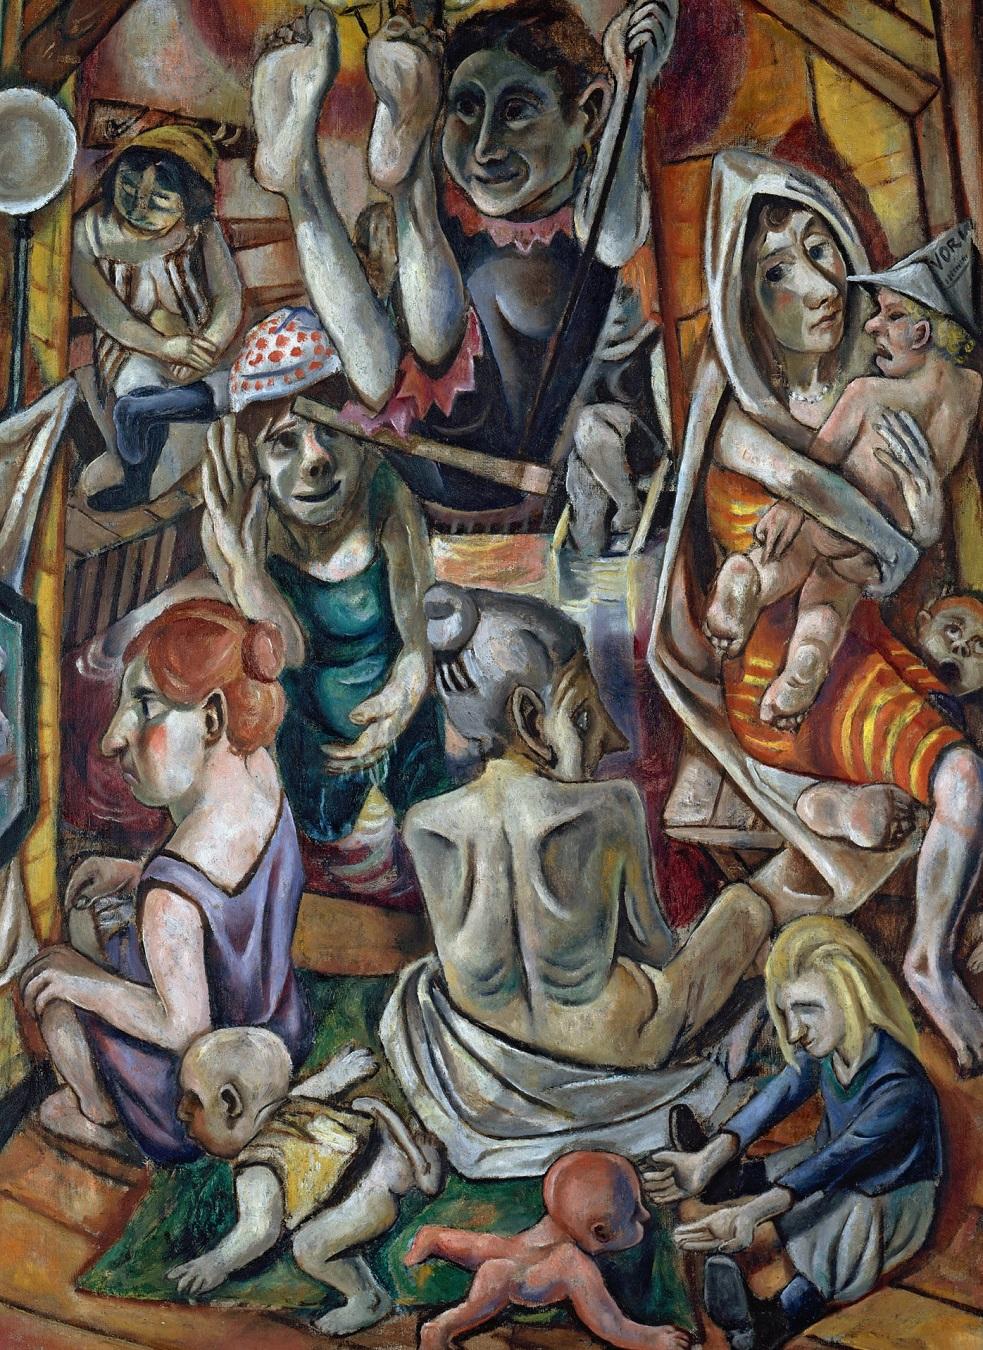 Max Beckmann Frauenbad, 1919, 97,5 x 65 cm Staatliche Museen zu Berlin Nationalgalerie 1968 erworben durch das Land Berlin,  © VG Bild-Kunst, Bonn 2020